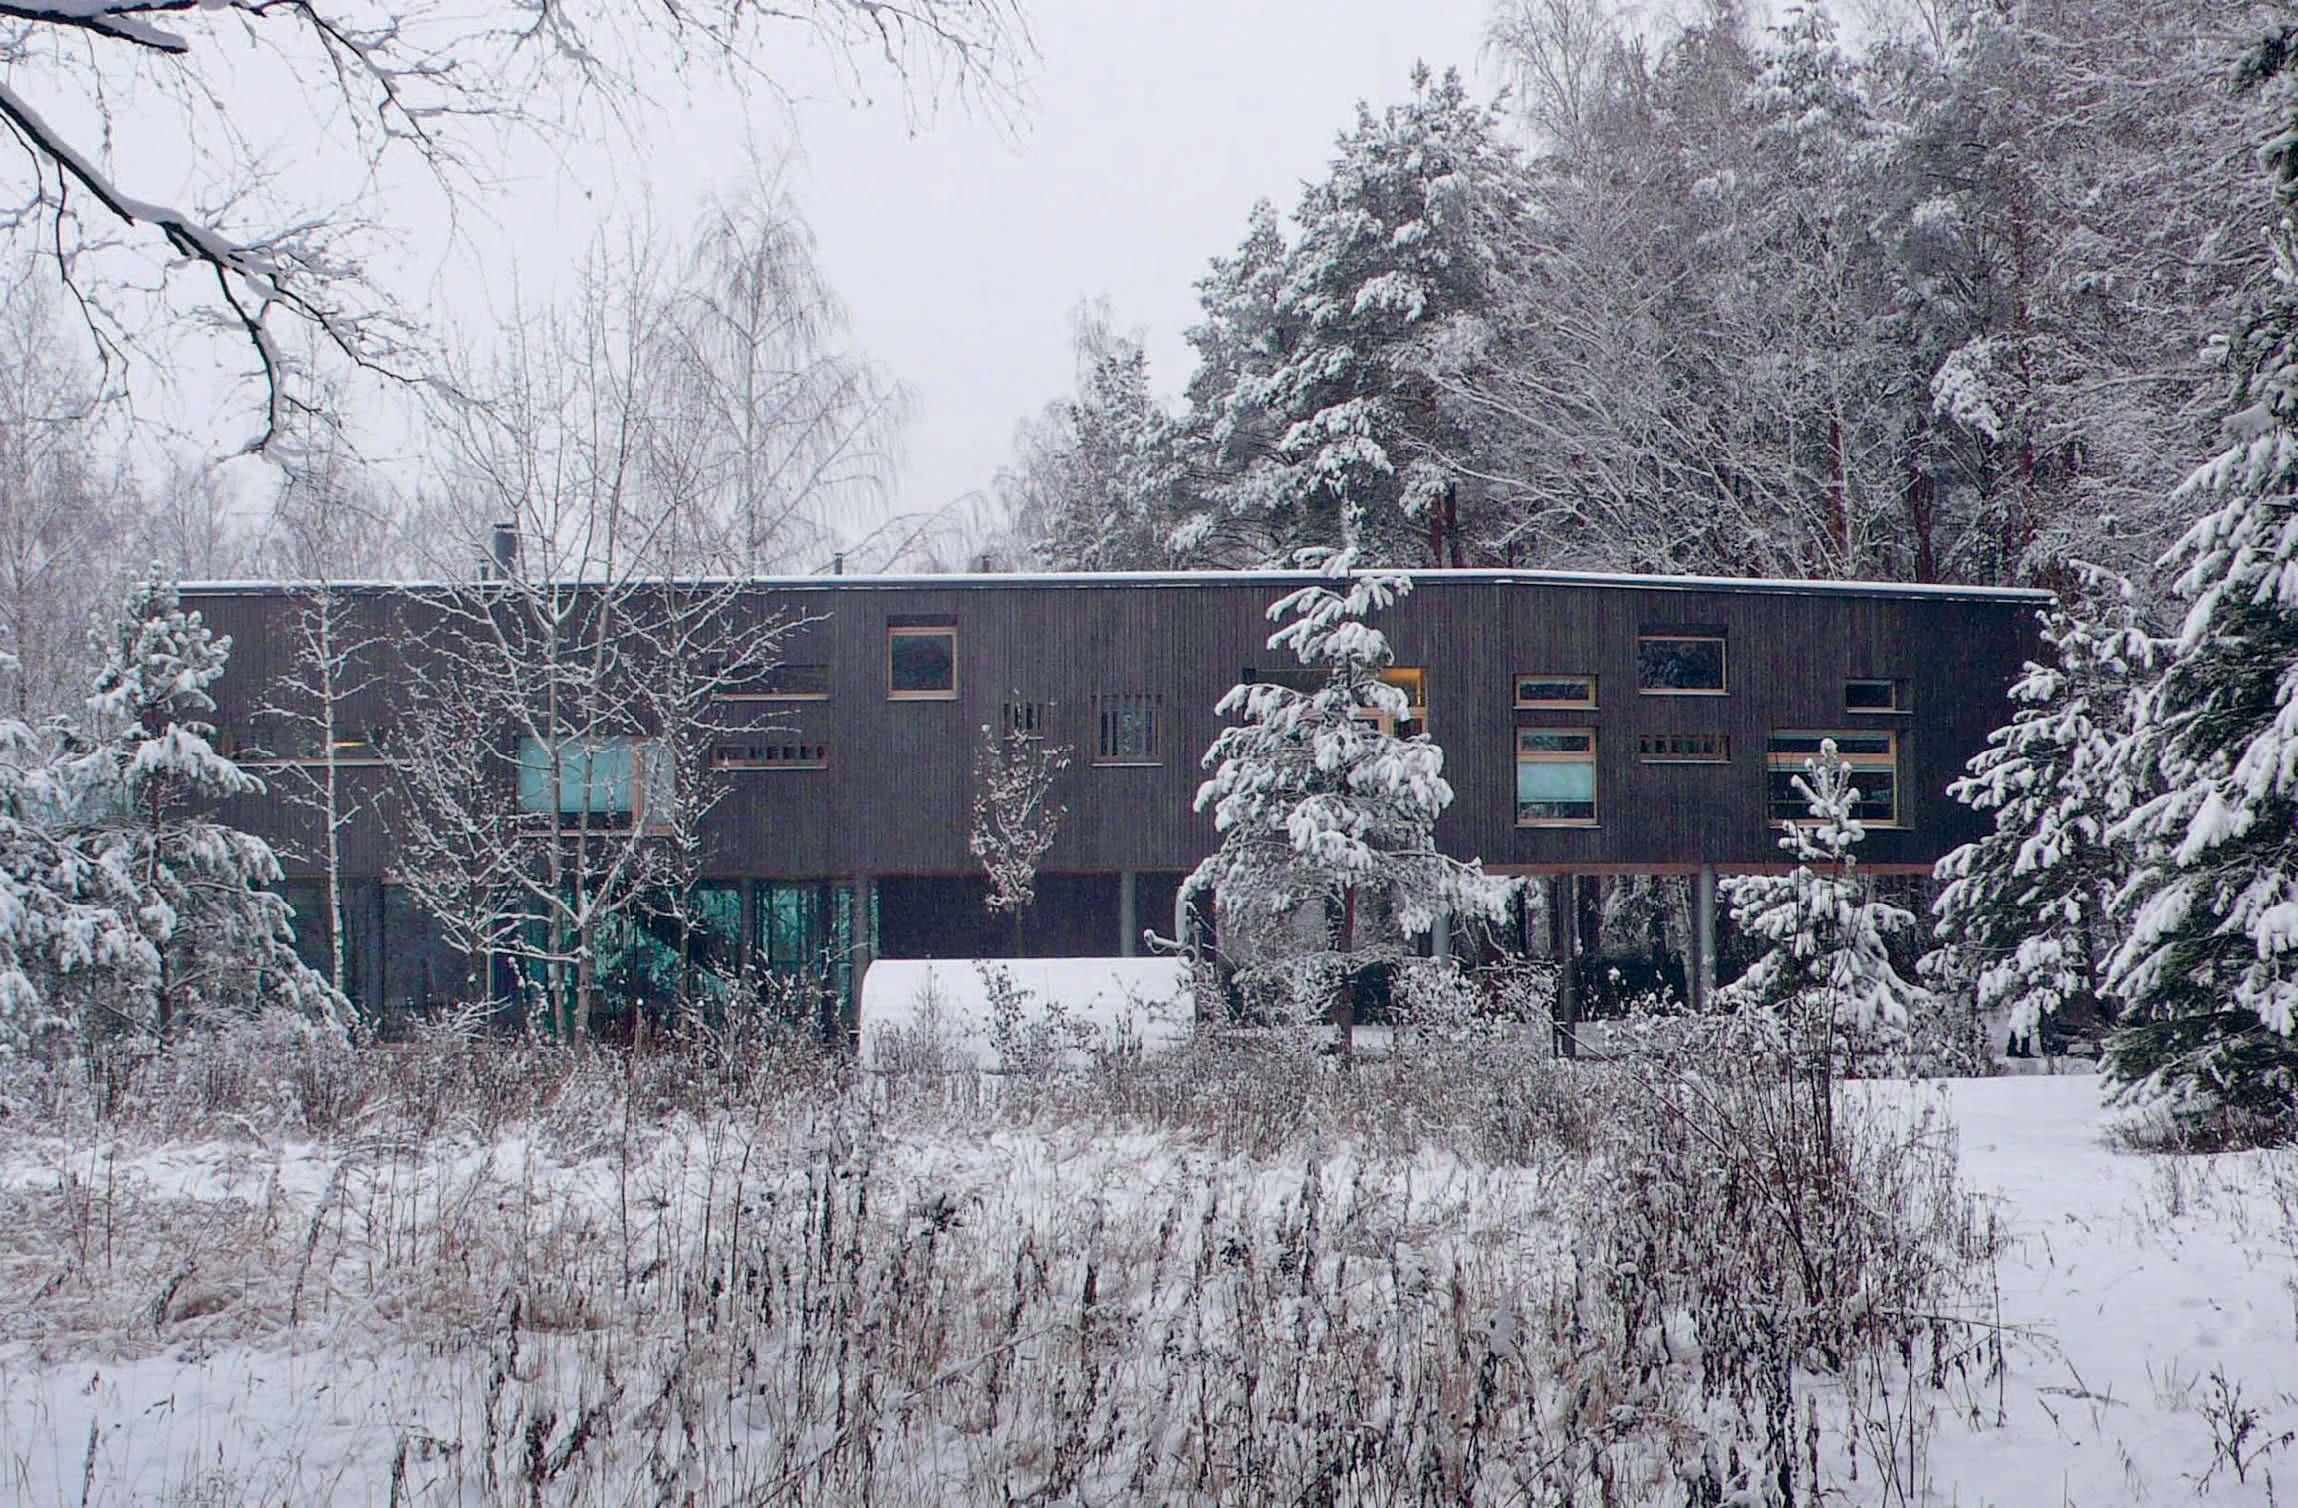 La villa in versione invernale la struttura interamente prefabbricata è stata realizzata dallazienda italiana woodbeton